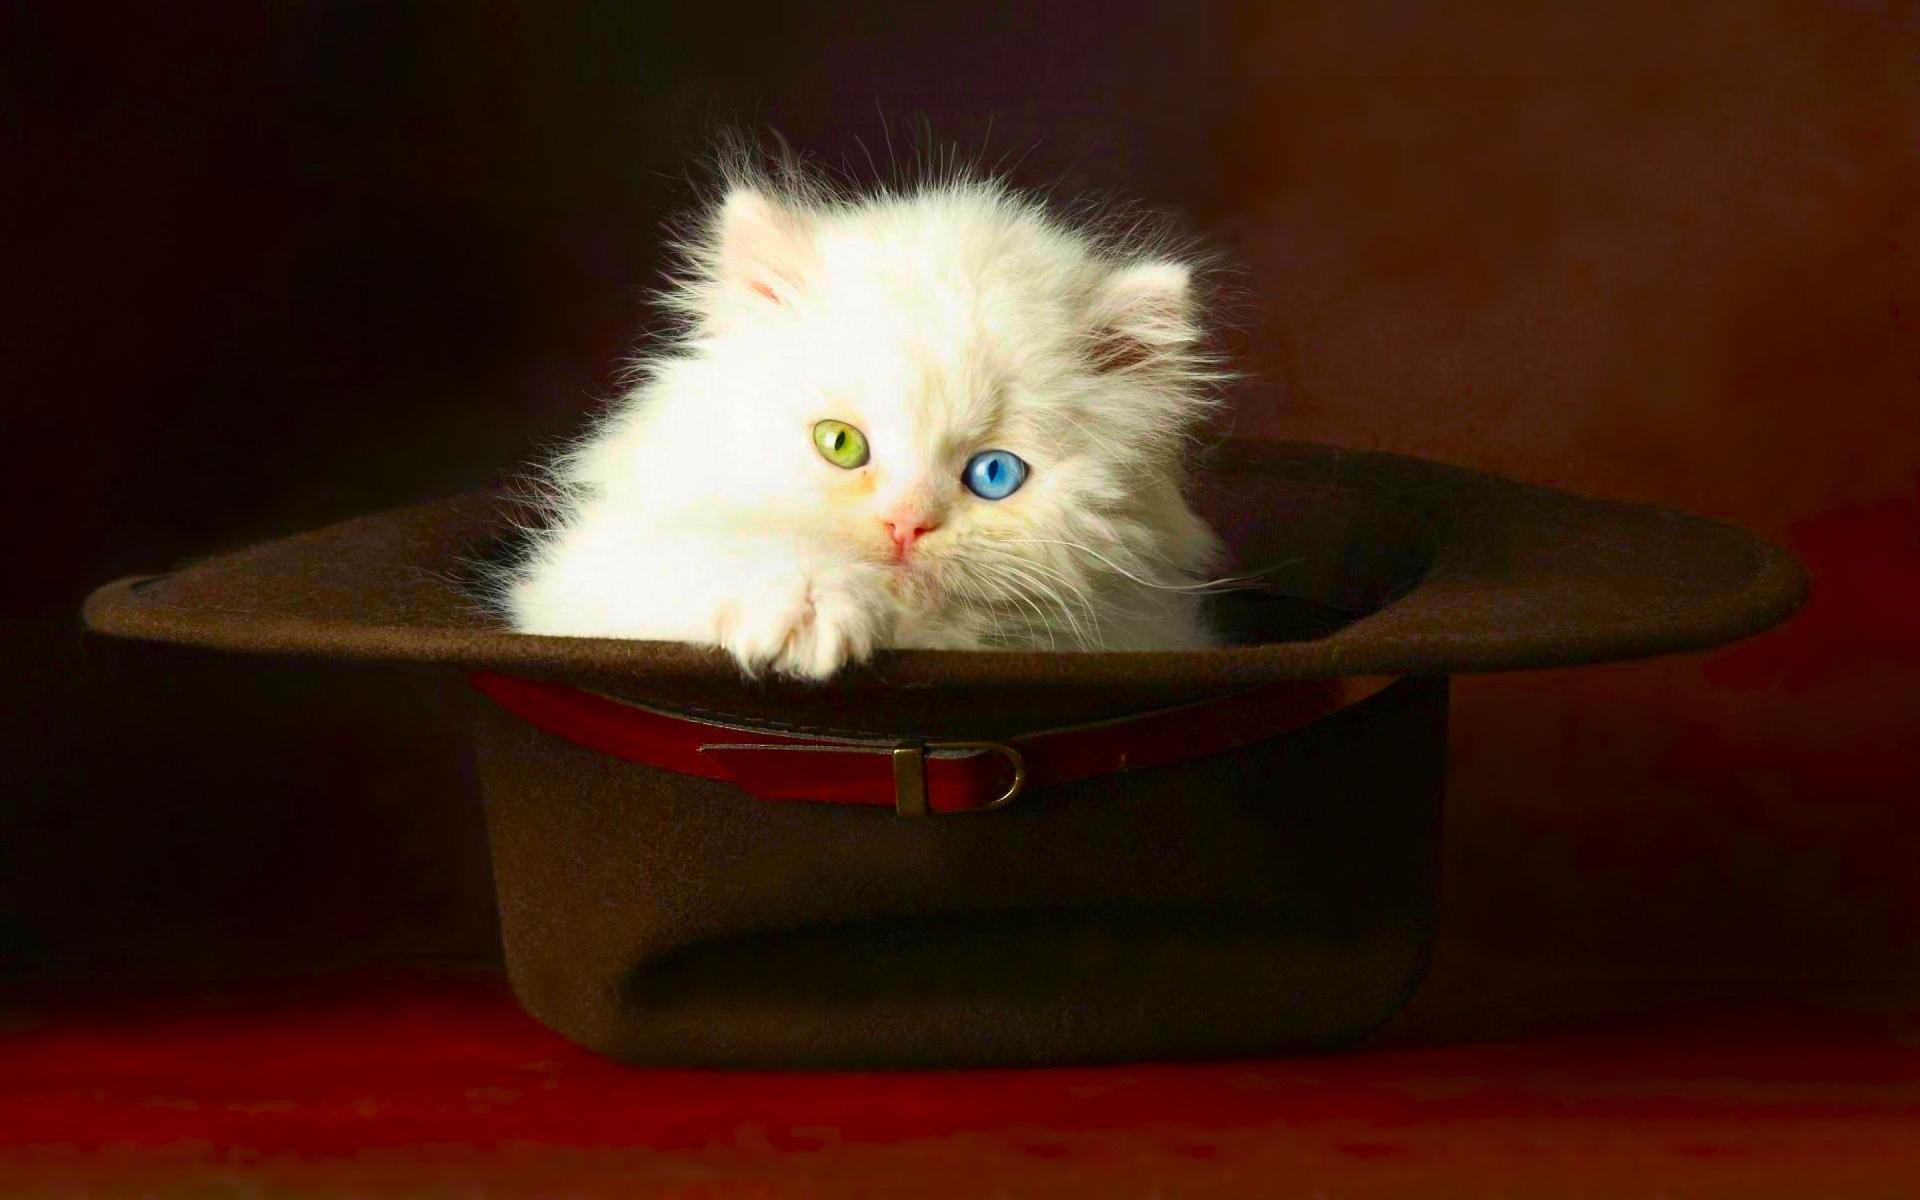 عکس گربه های ملوس و زیبا برای پروفایل و تصویر زمینه